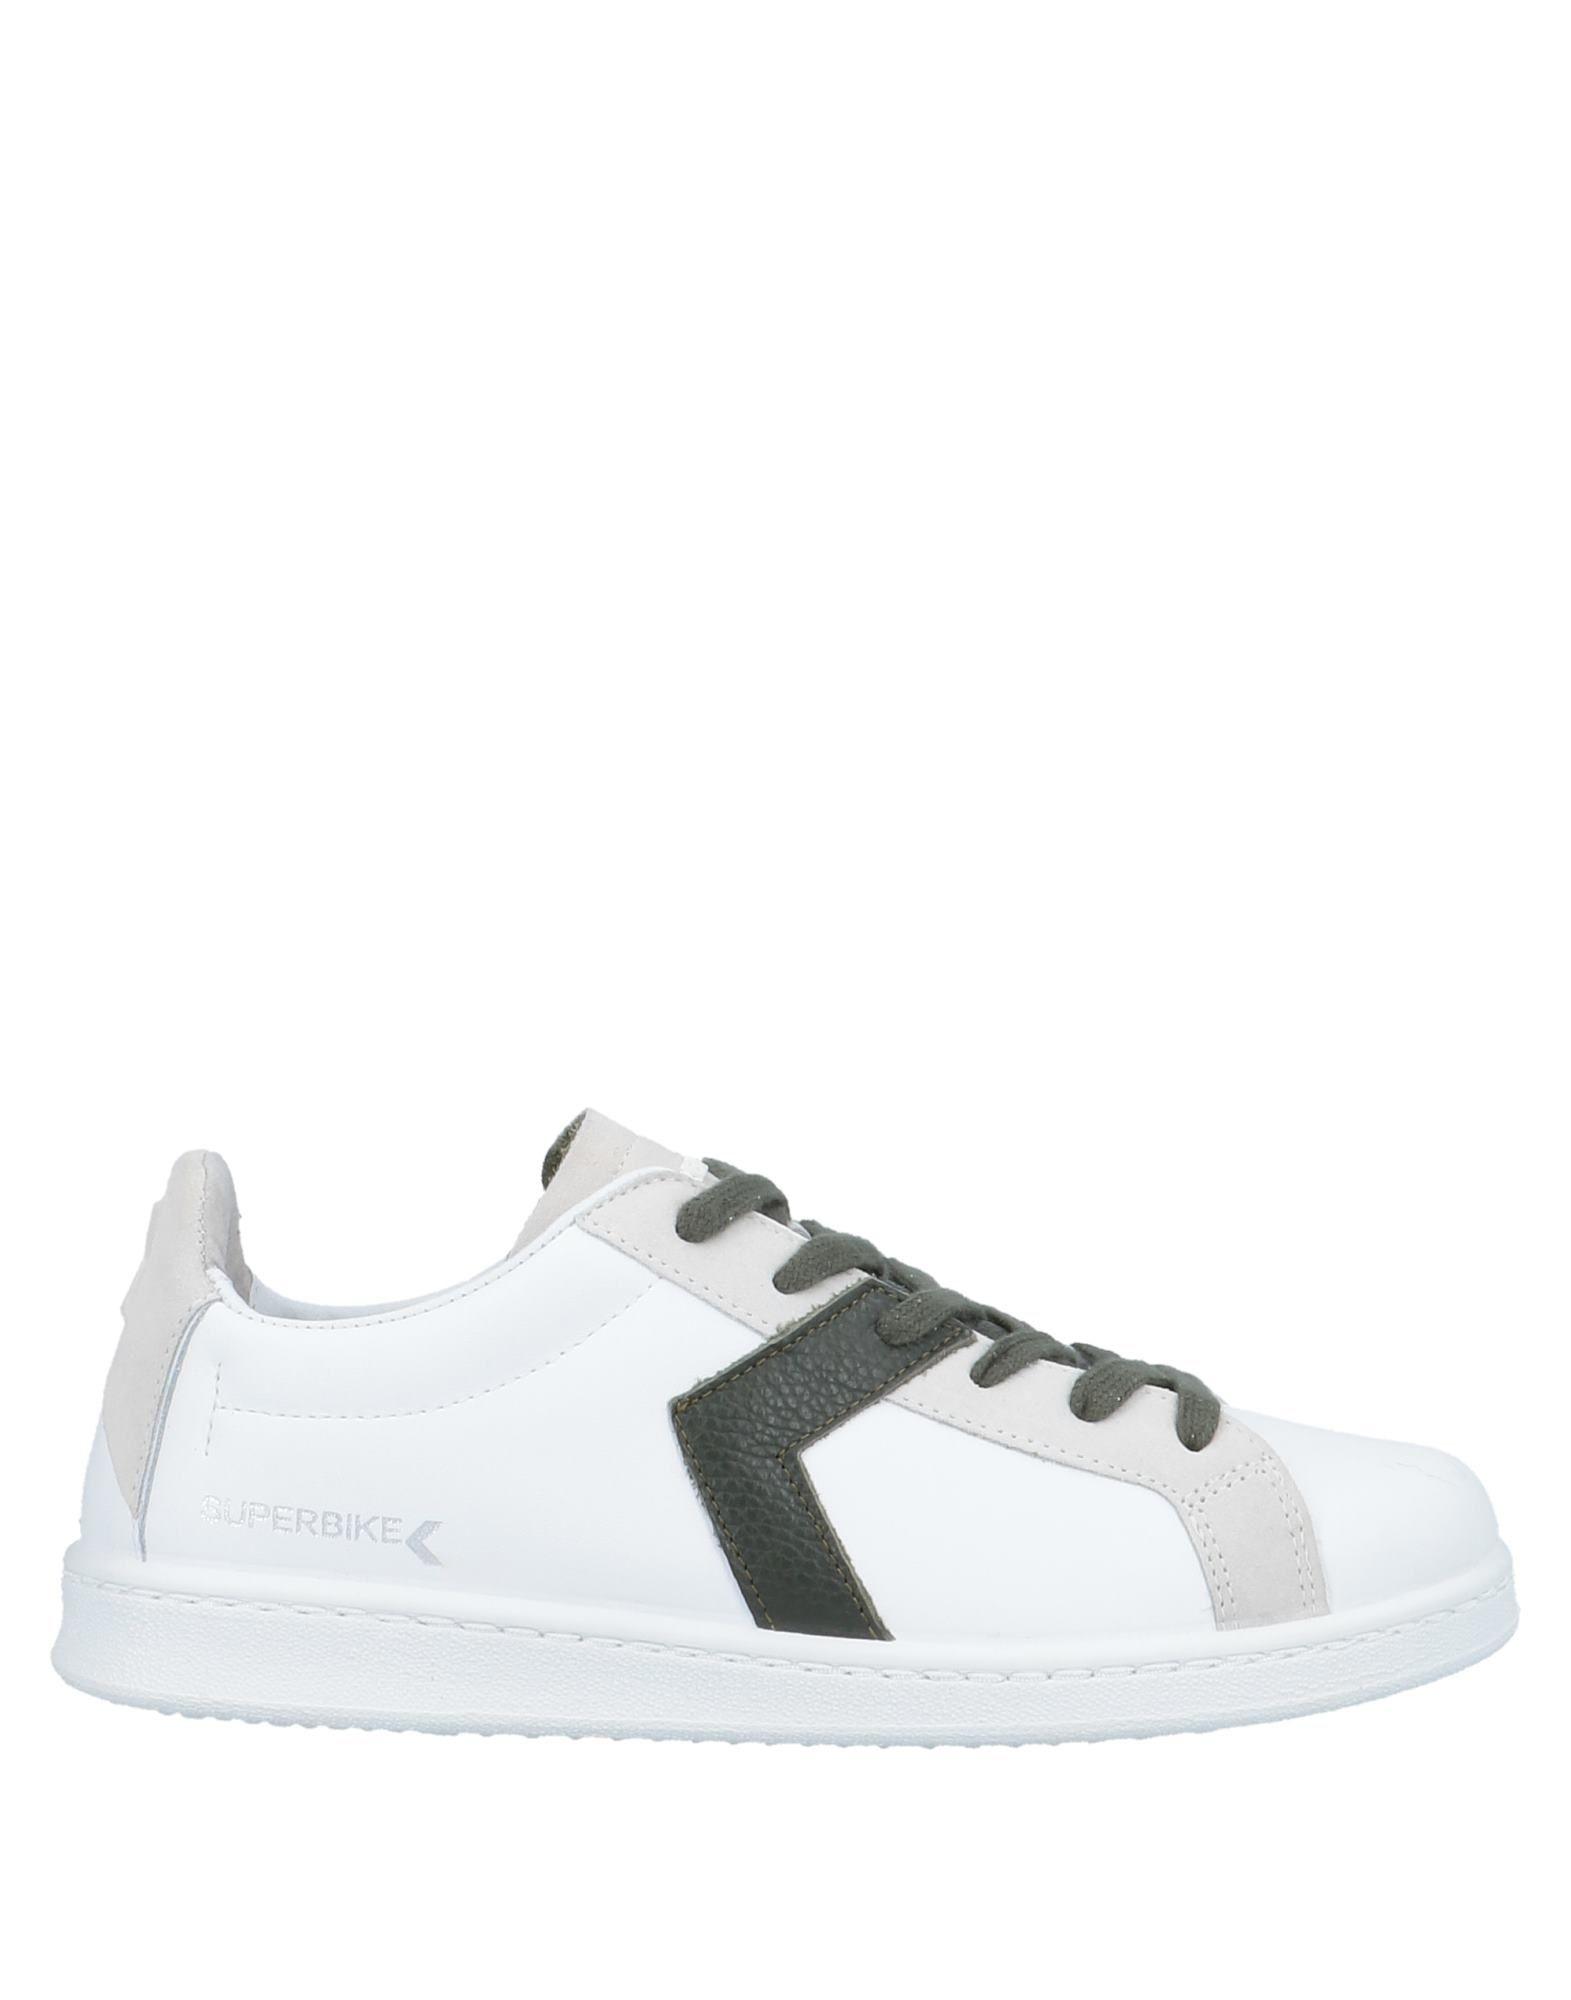 Rabatt echte Schuhe Superbike Sneakers Herren  11516988RT